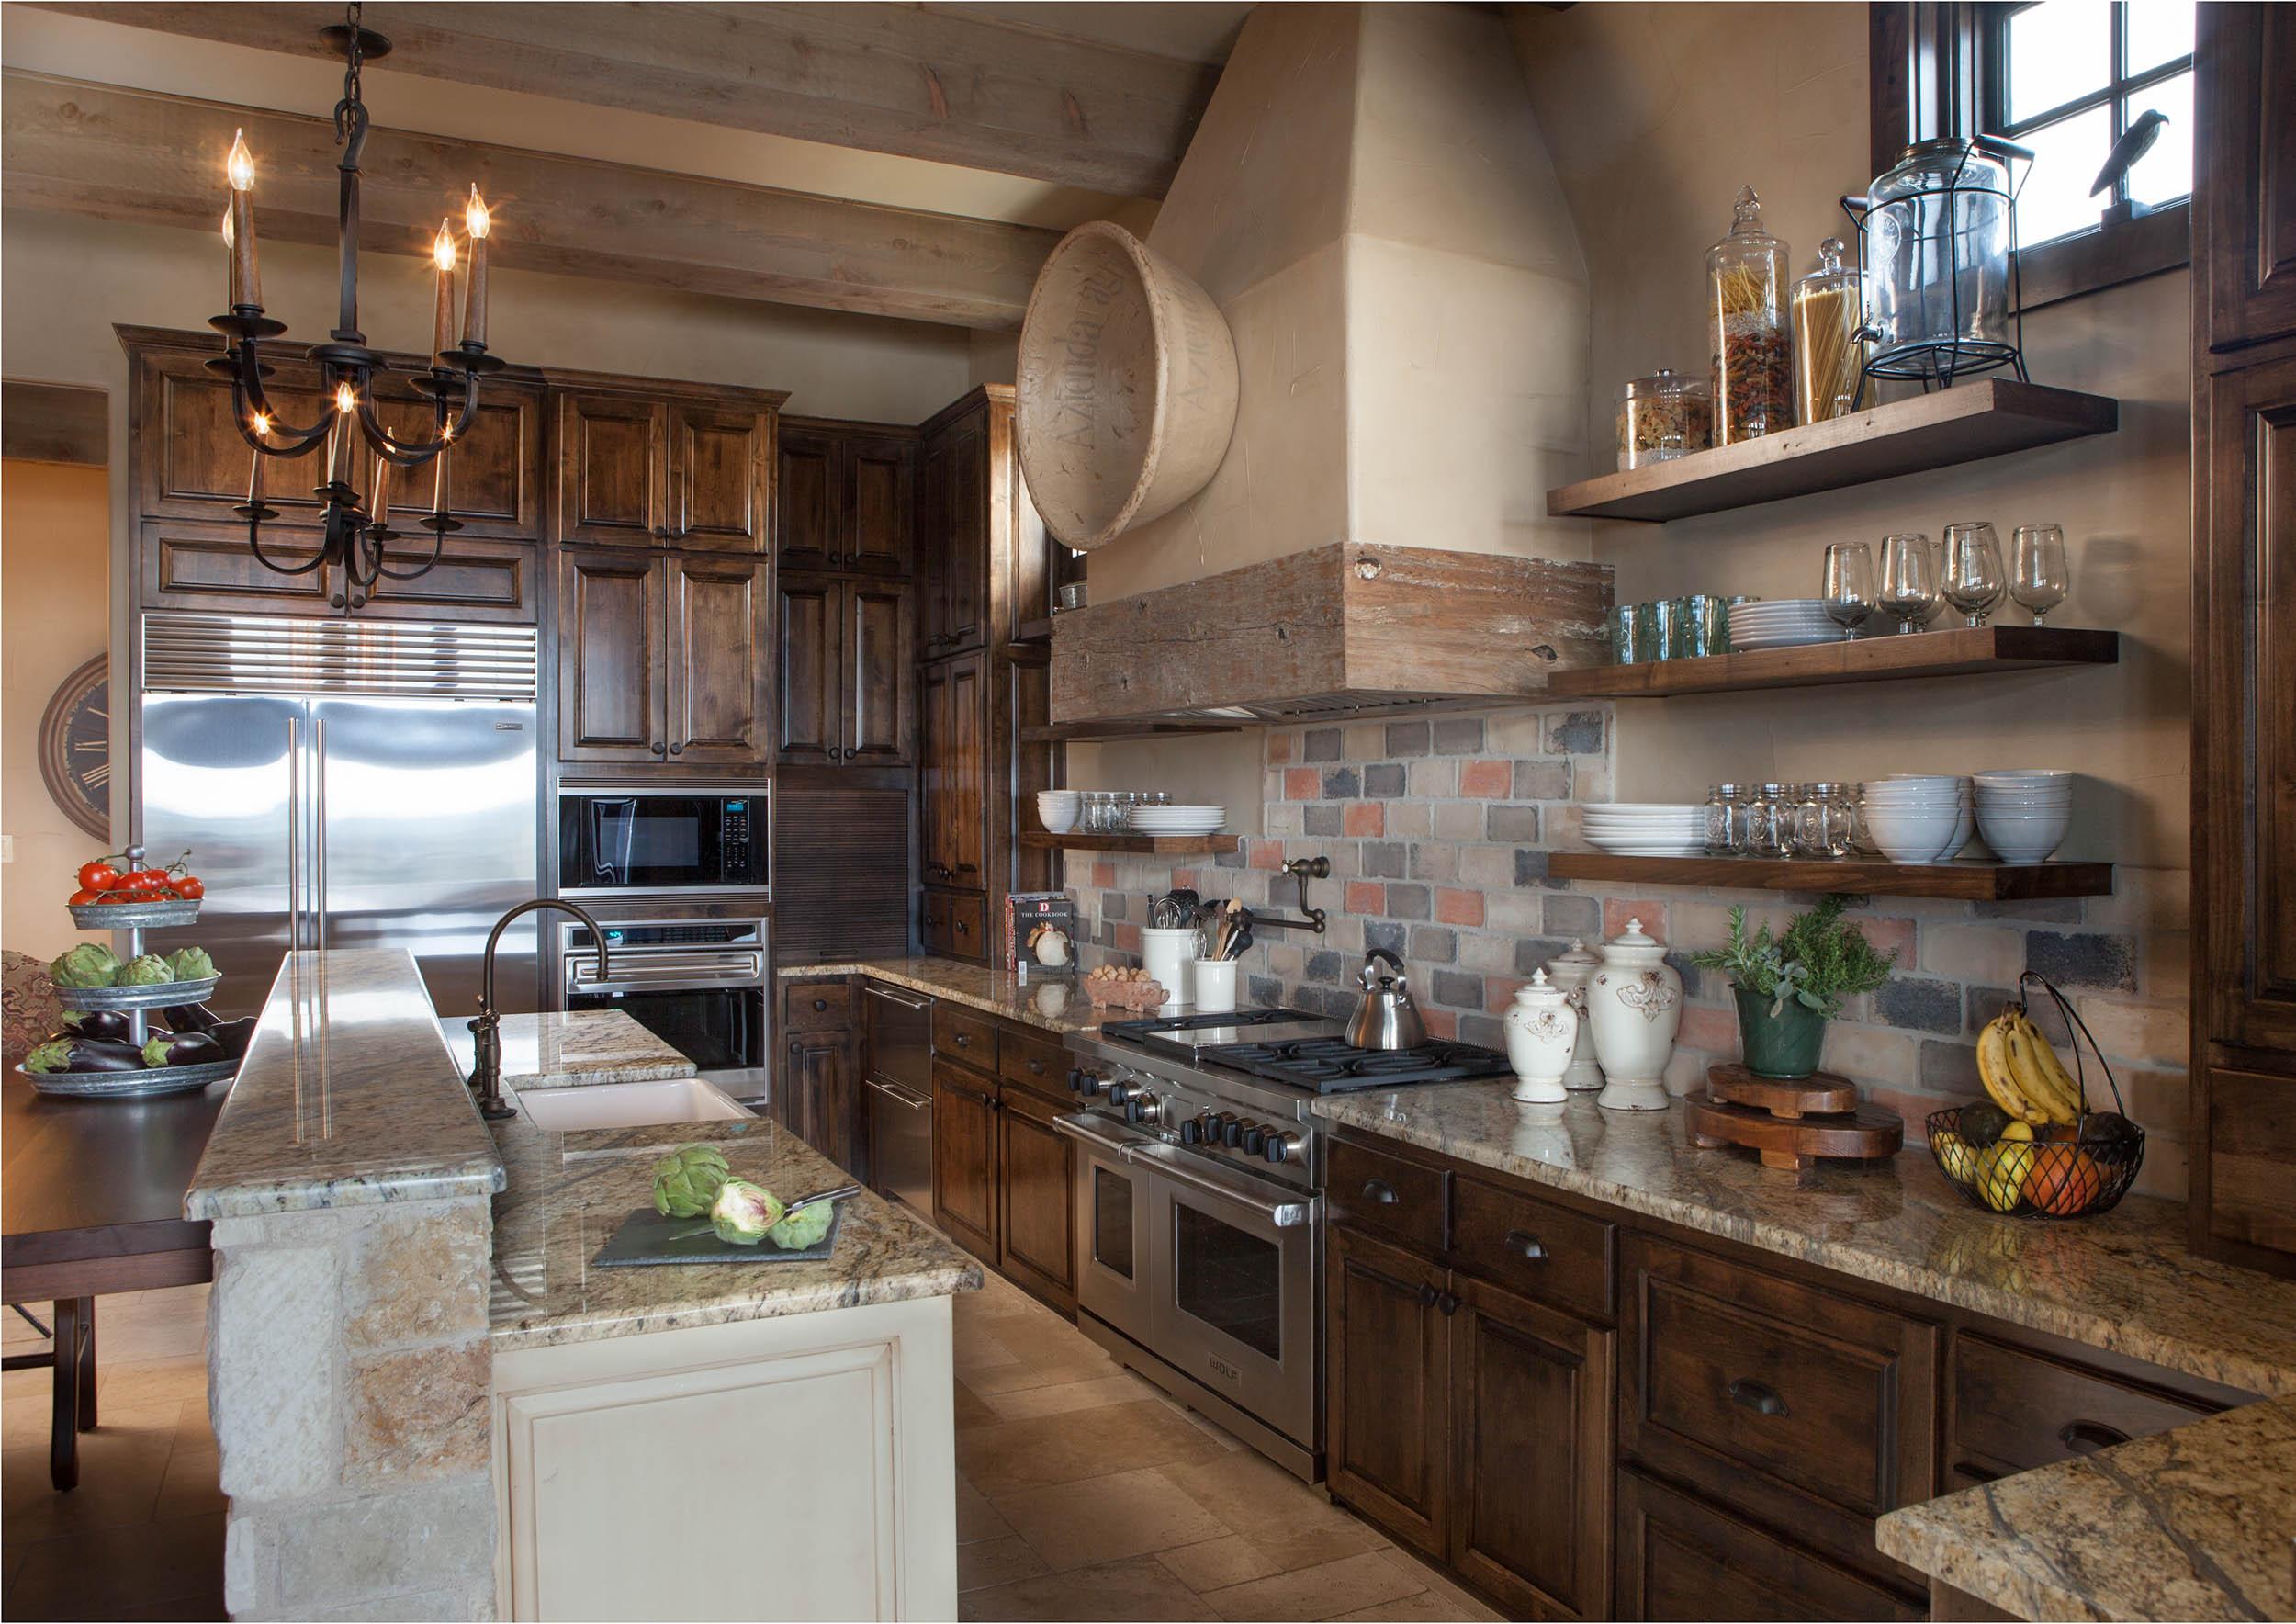 austin-house-kitchen-interior-design.jpg